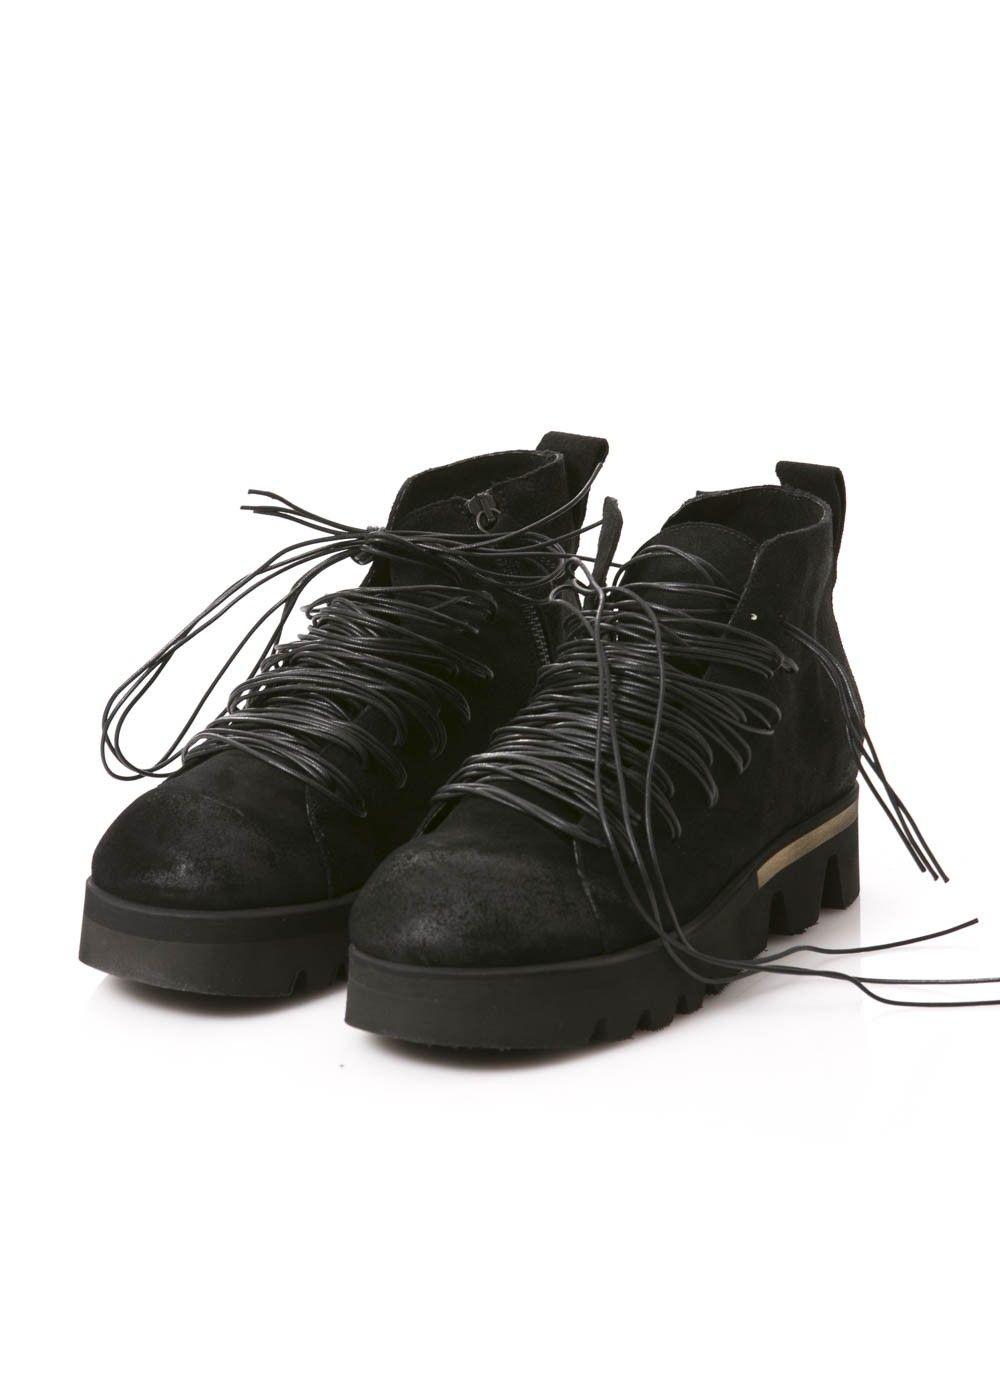 Schuhe von RUNDHOLZ Black Label mit auffallender Schnürung